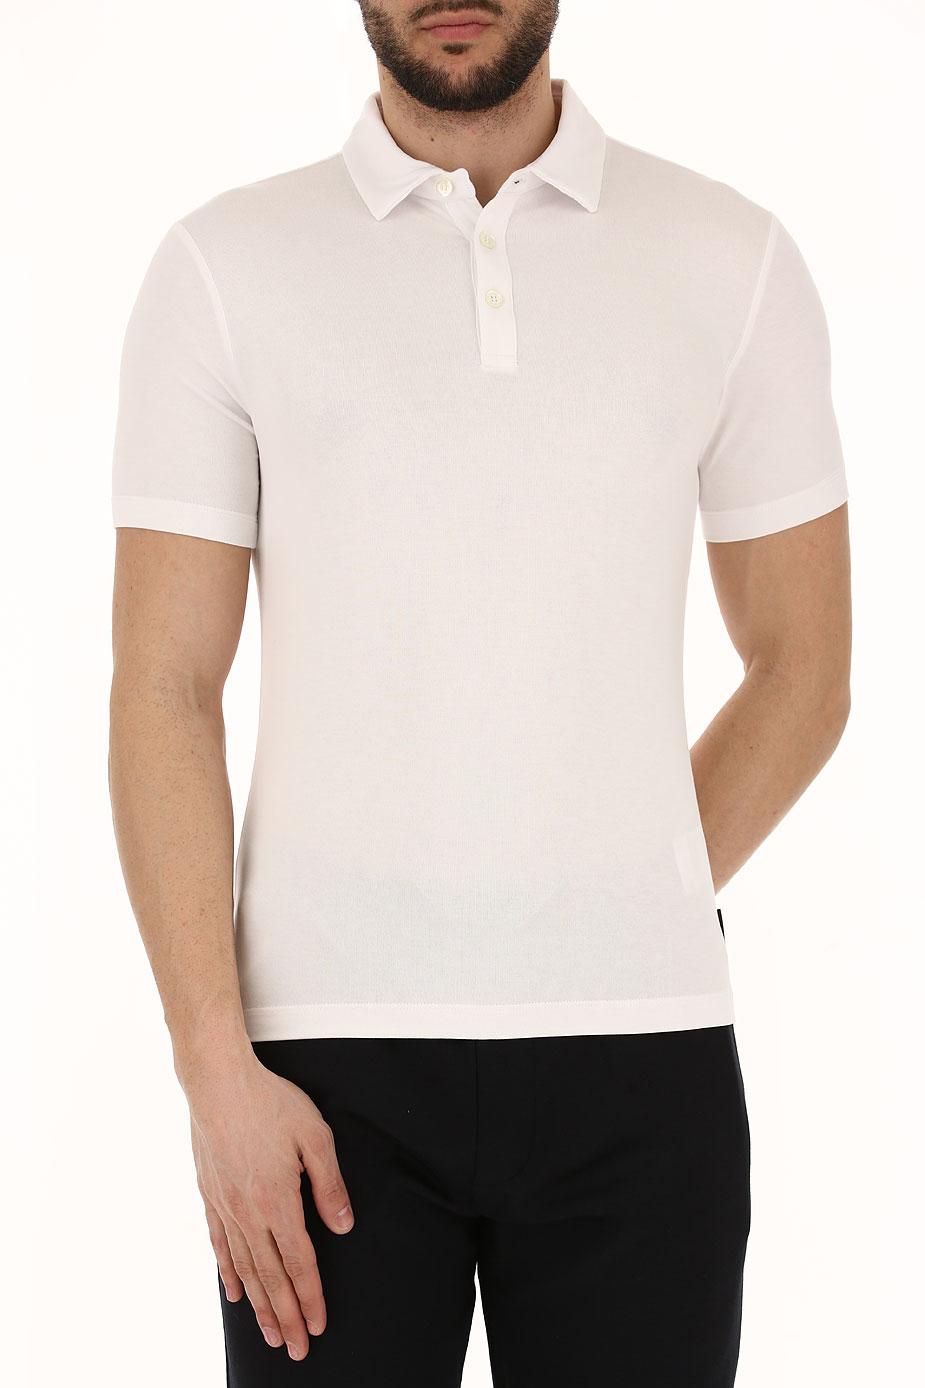 Abbigliamento Uomo Emporio Armani, Codice Articolo: 8n1f8c-1jcdz-0100